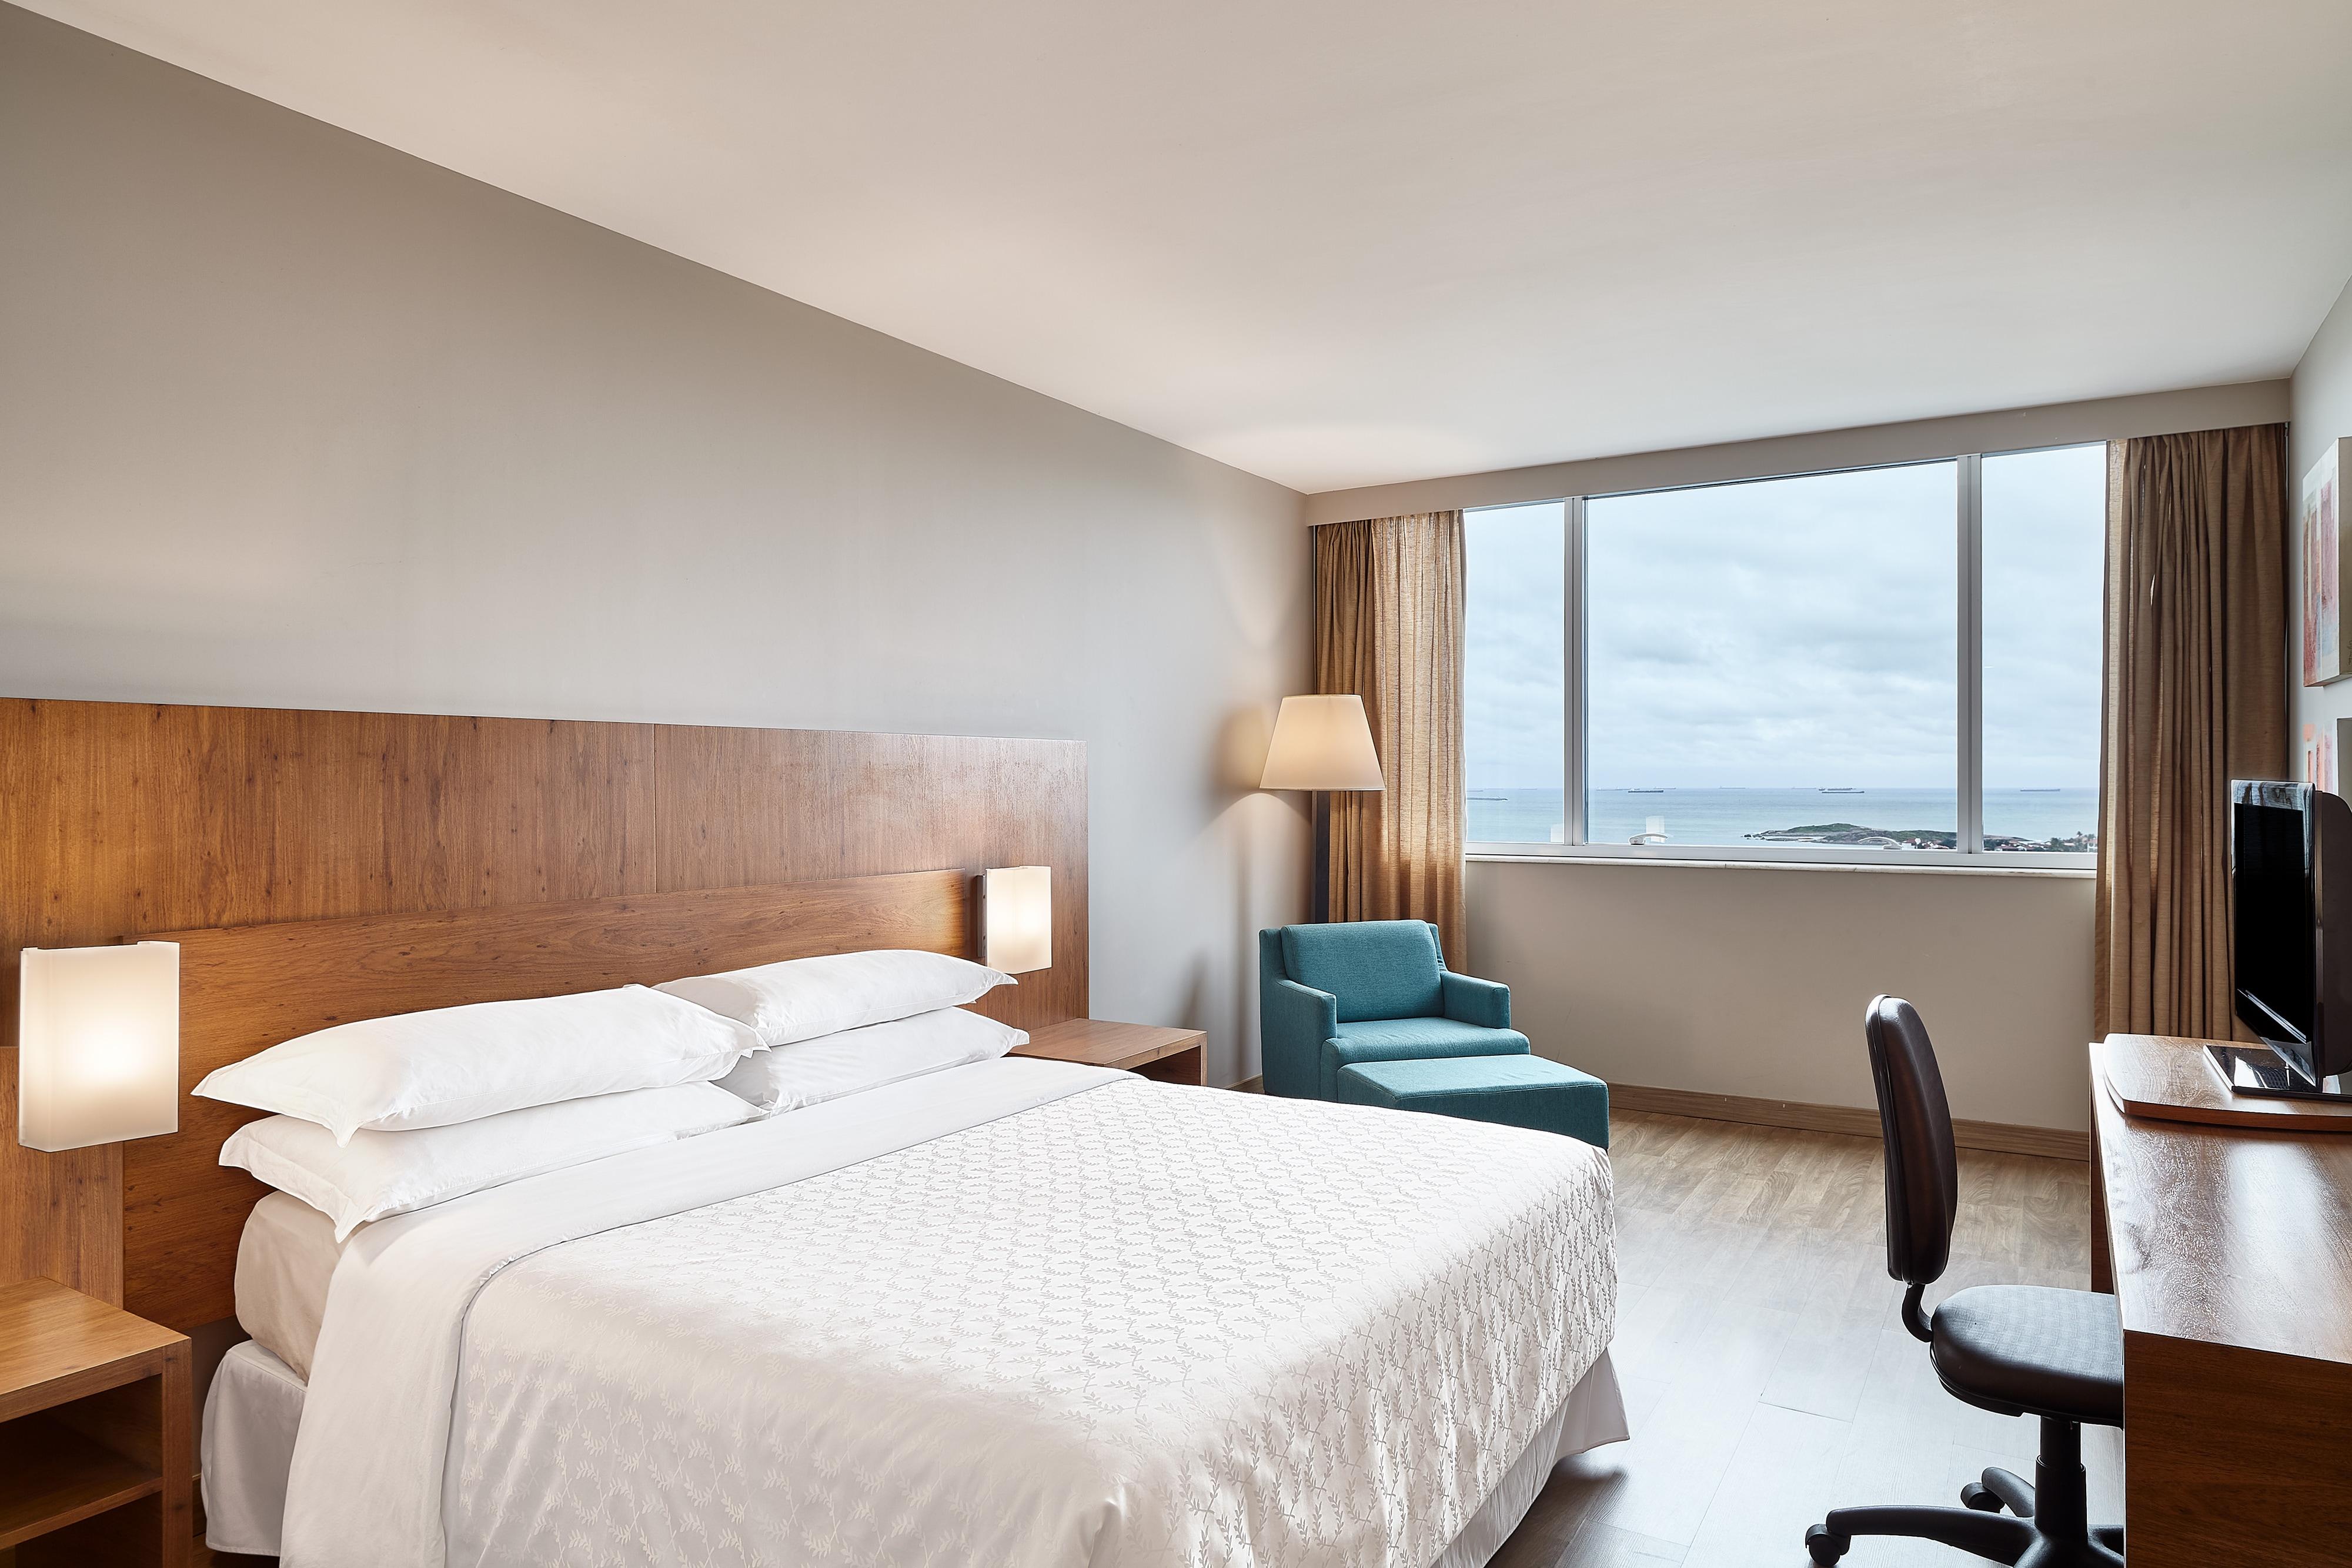 Chambre avec lit queen size et vue sur l'océan